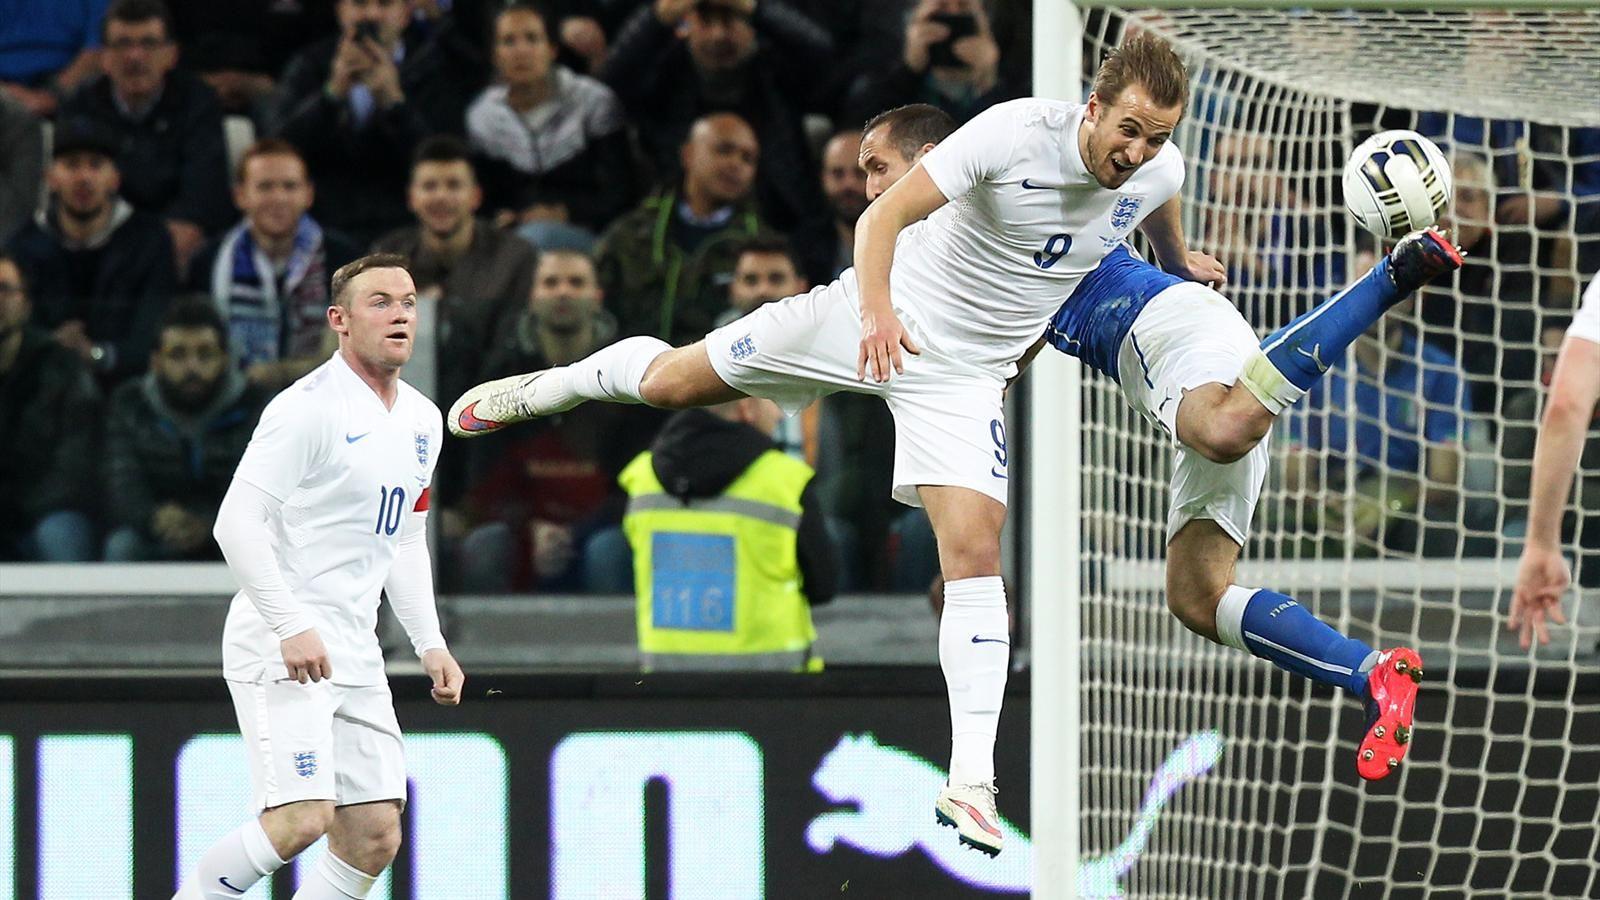 """ÉQUIPE D'ITALIE de football """"la Nazionale"""" """"la squadra azzura"""" - Page 2 1447498-30946870-1600-900"""